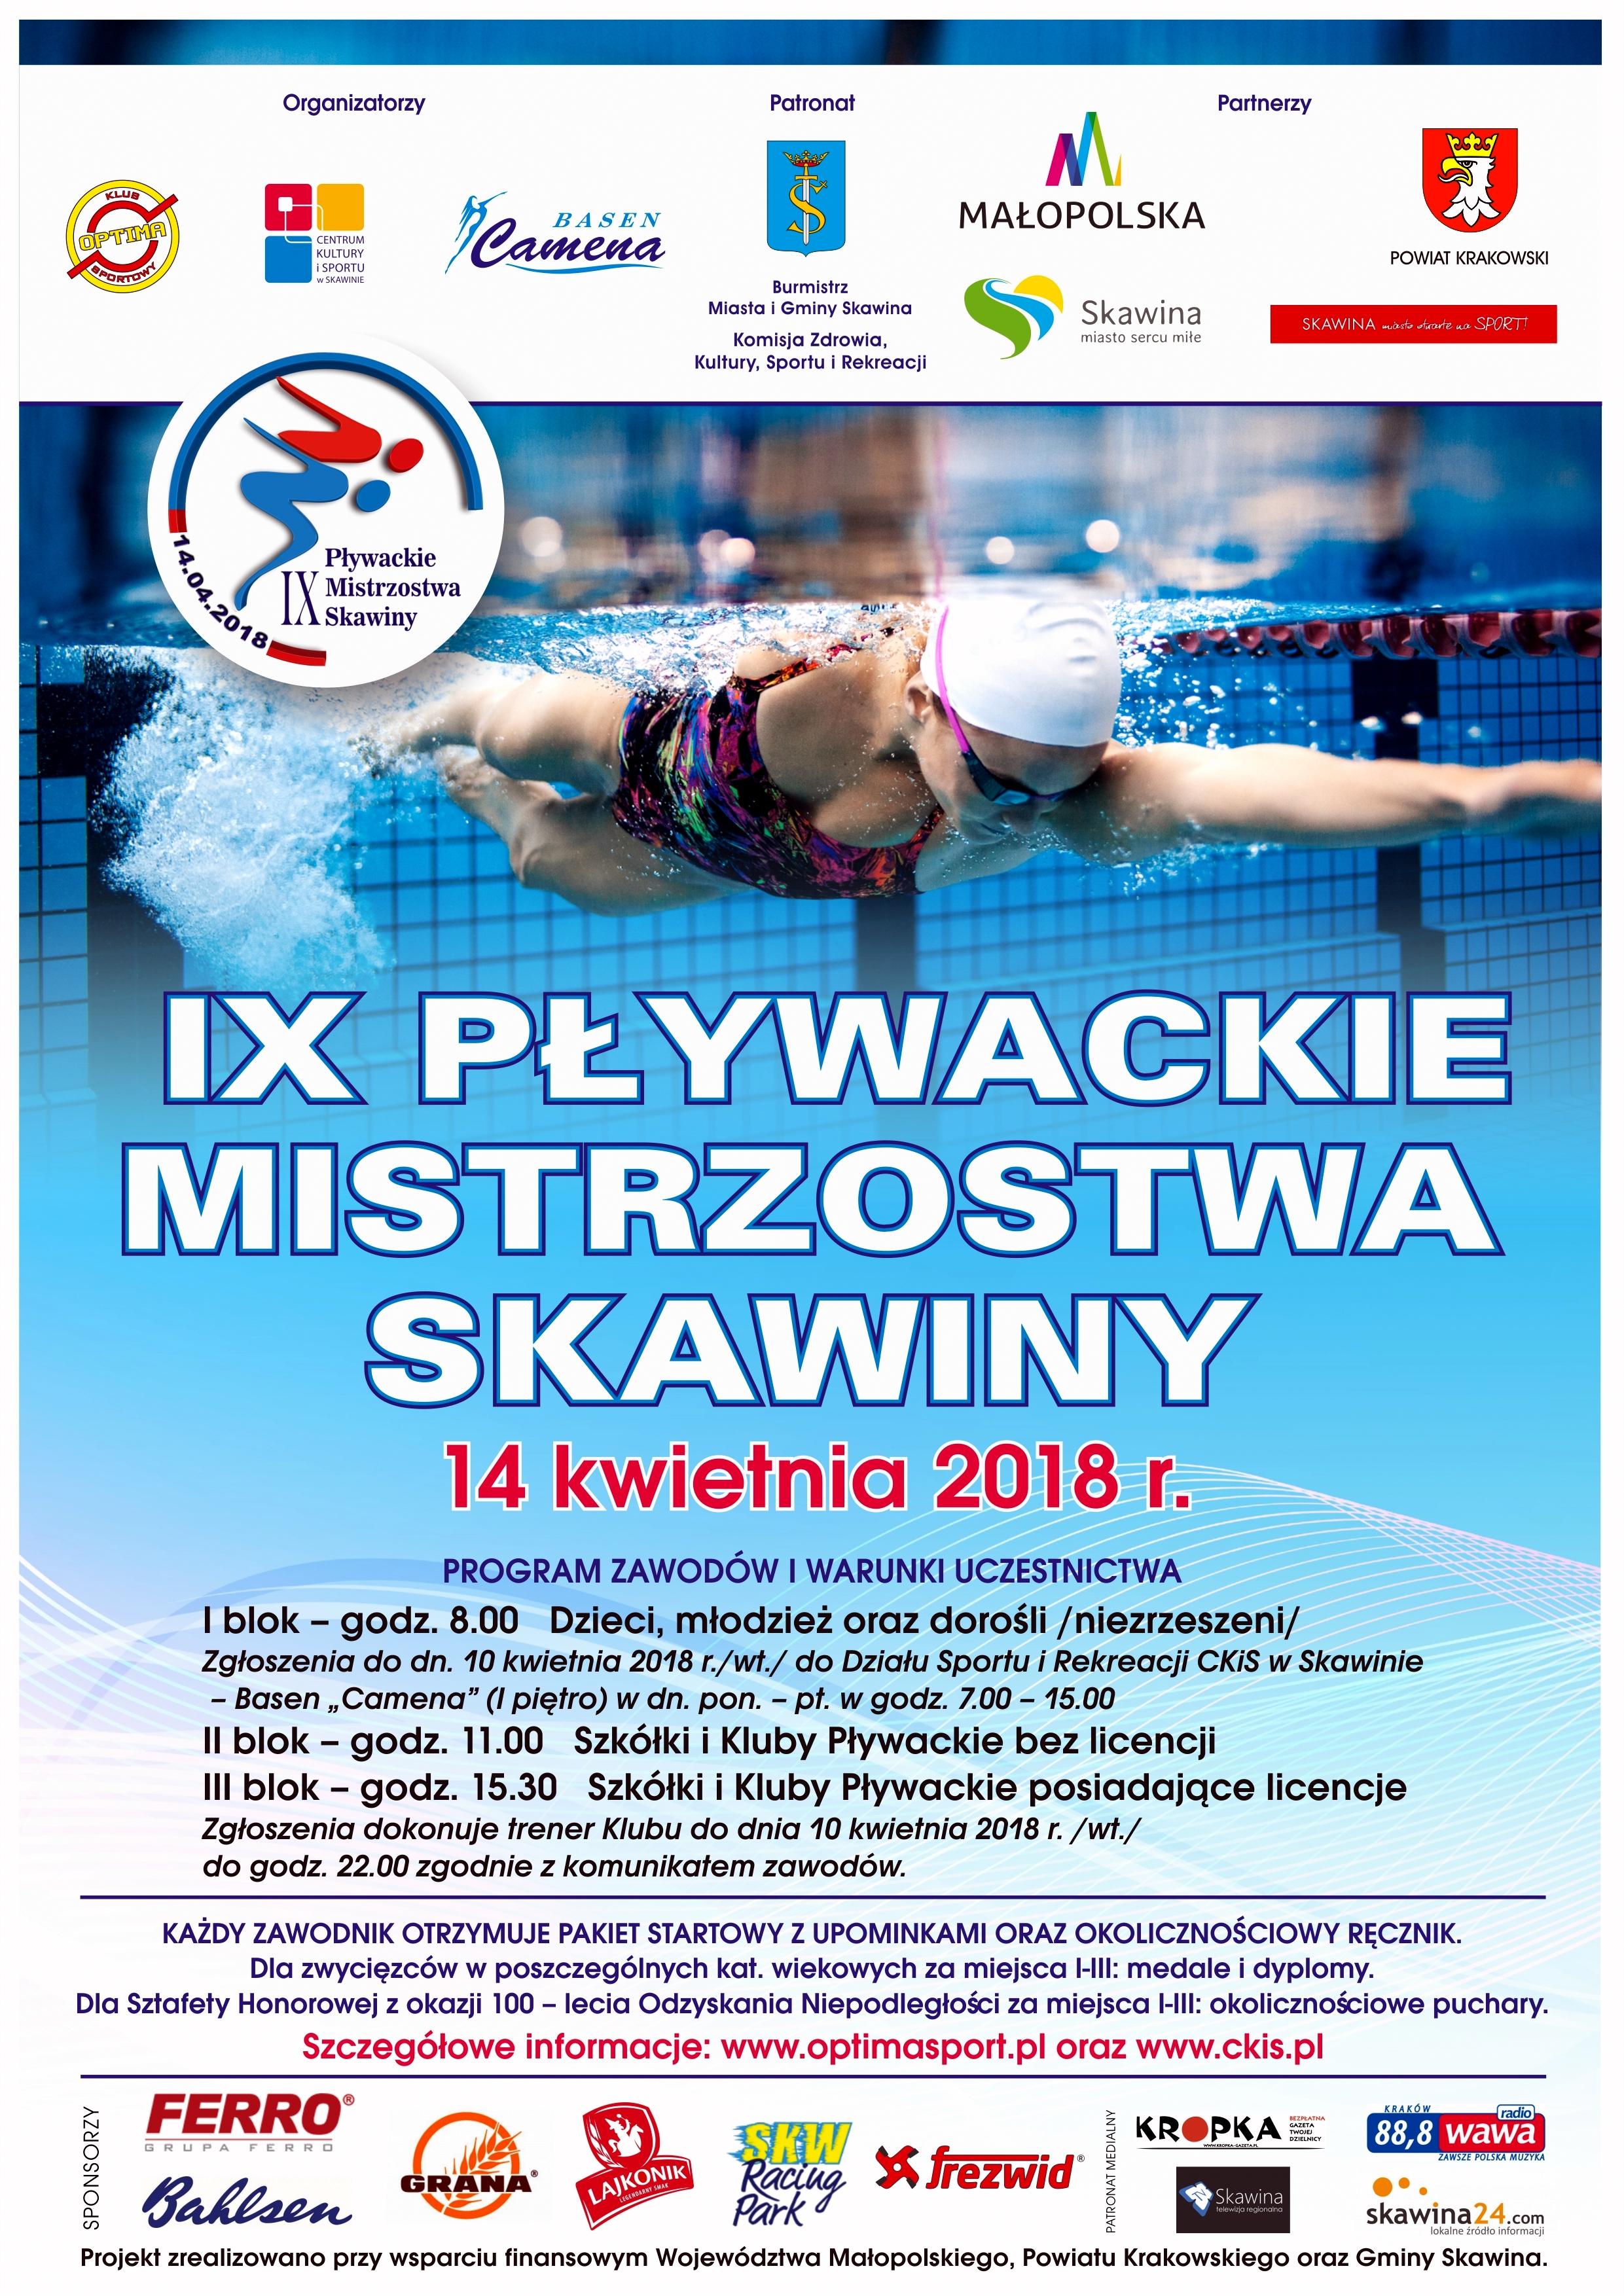 IX Pływackie Mistrzostwa Skawiny @ Basen Camena | Skawina | małopolskie | Polska